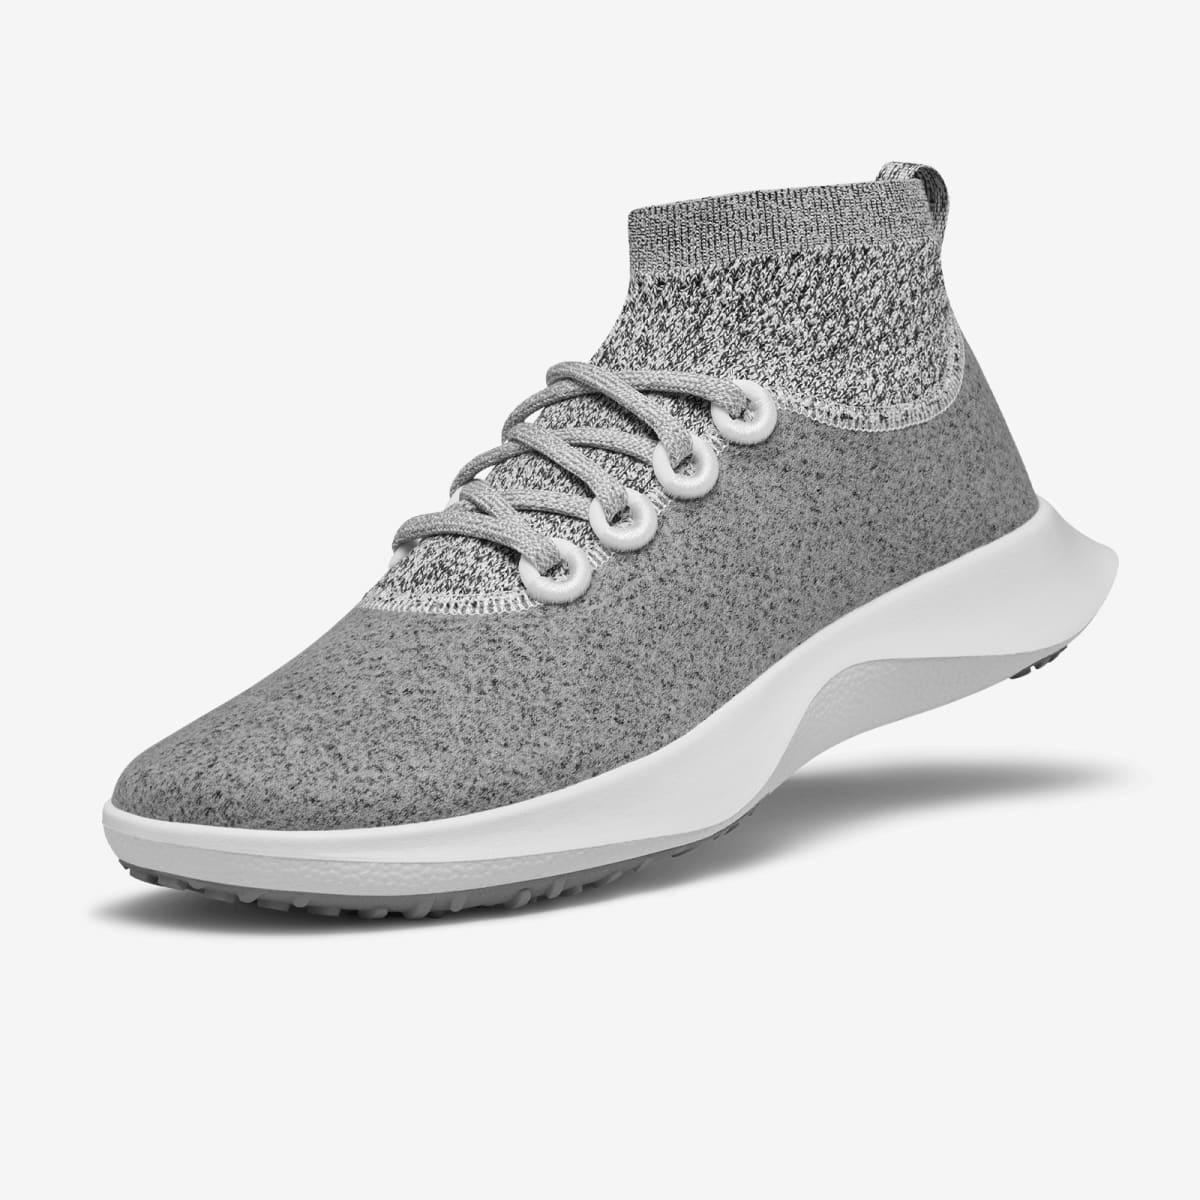 Allbirds Wool Dasher Mizzles Mid Weather Resistant Sneaker; best waterproof sneakers